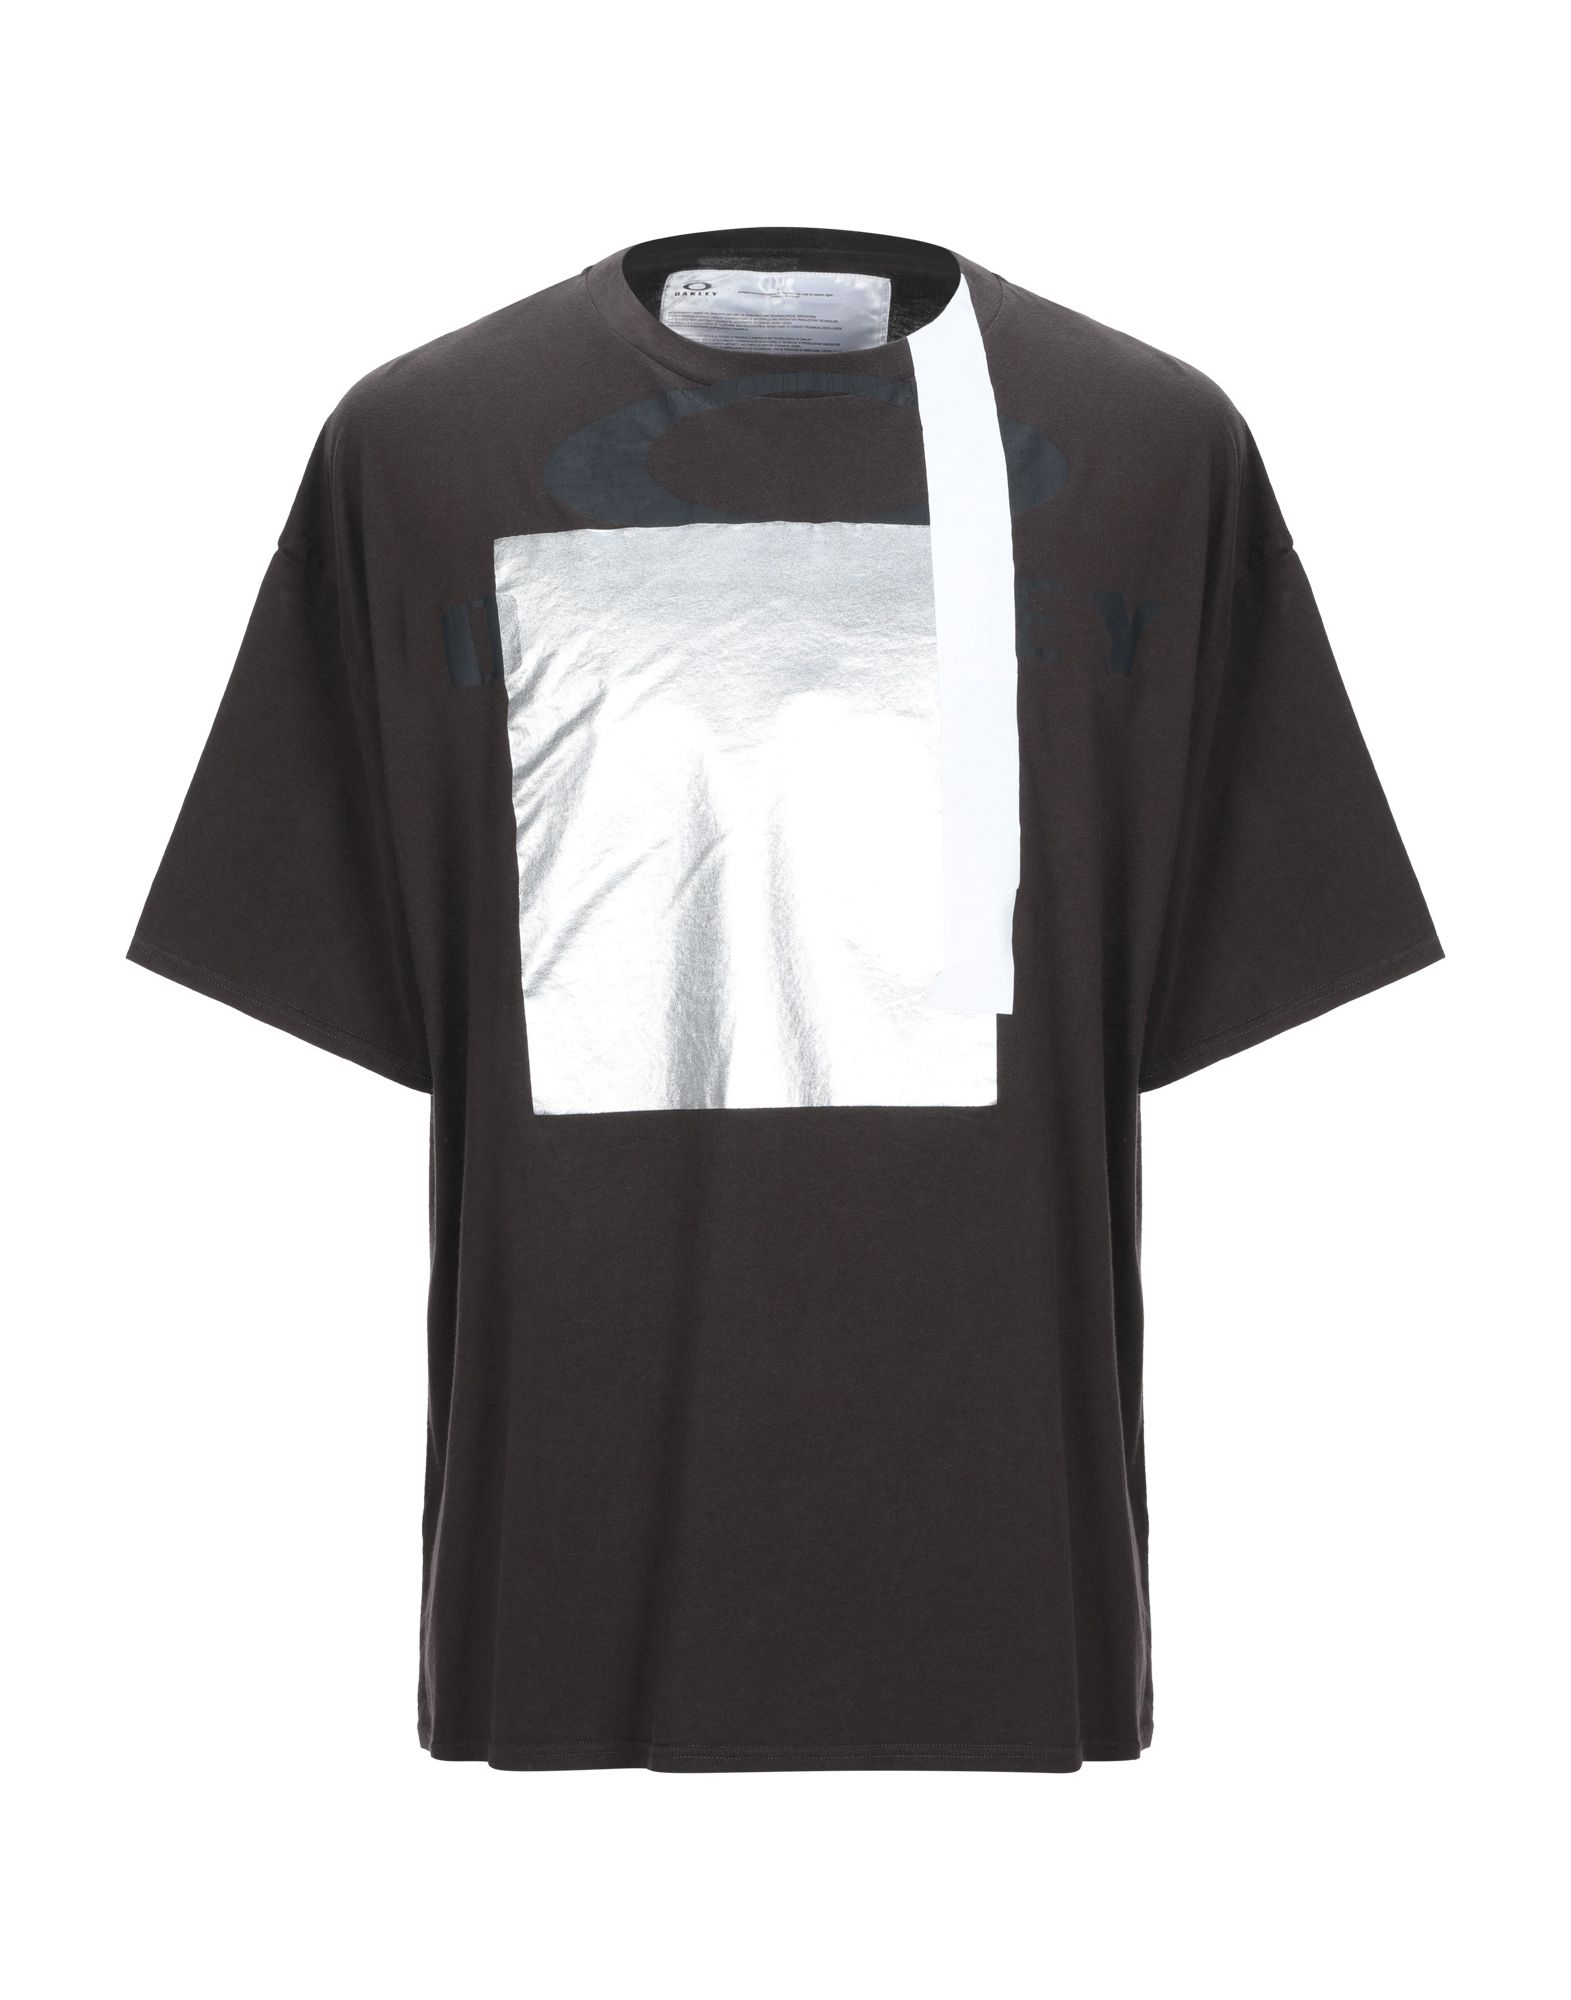 《期間限定セール中》OAKLEY メンズ T シャツ ダークブラウン XL コットン 100%